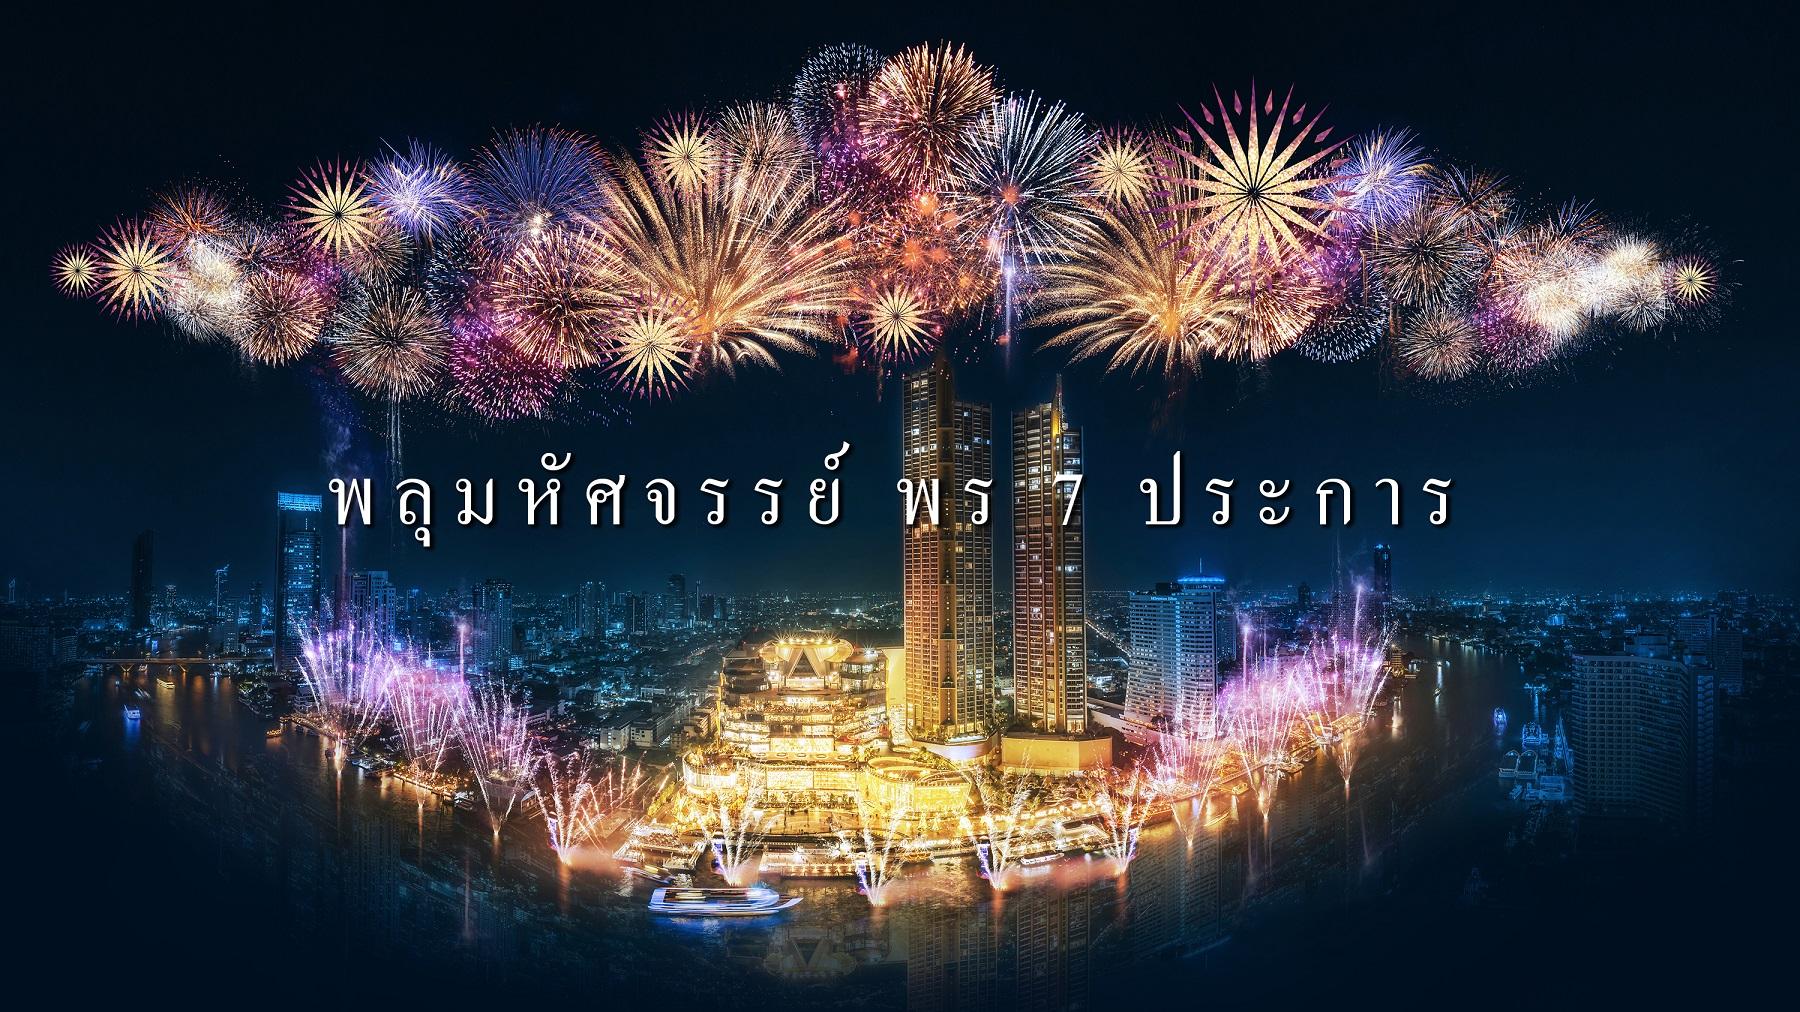 เคาท์ดาวน์เสริมมงคล! ชมที่สุดไฮไลท์ โชว์พลุข้าวเหนียวไทยเหนือสายน้ำเจ้าพระยา อลังการด้วยจำนวนพลุมากกว่า 20,000 ดอก